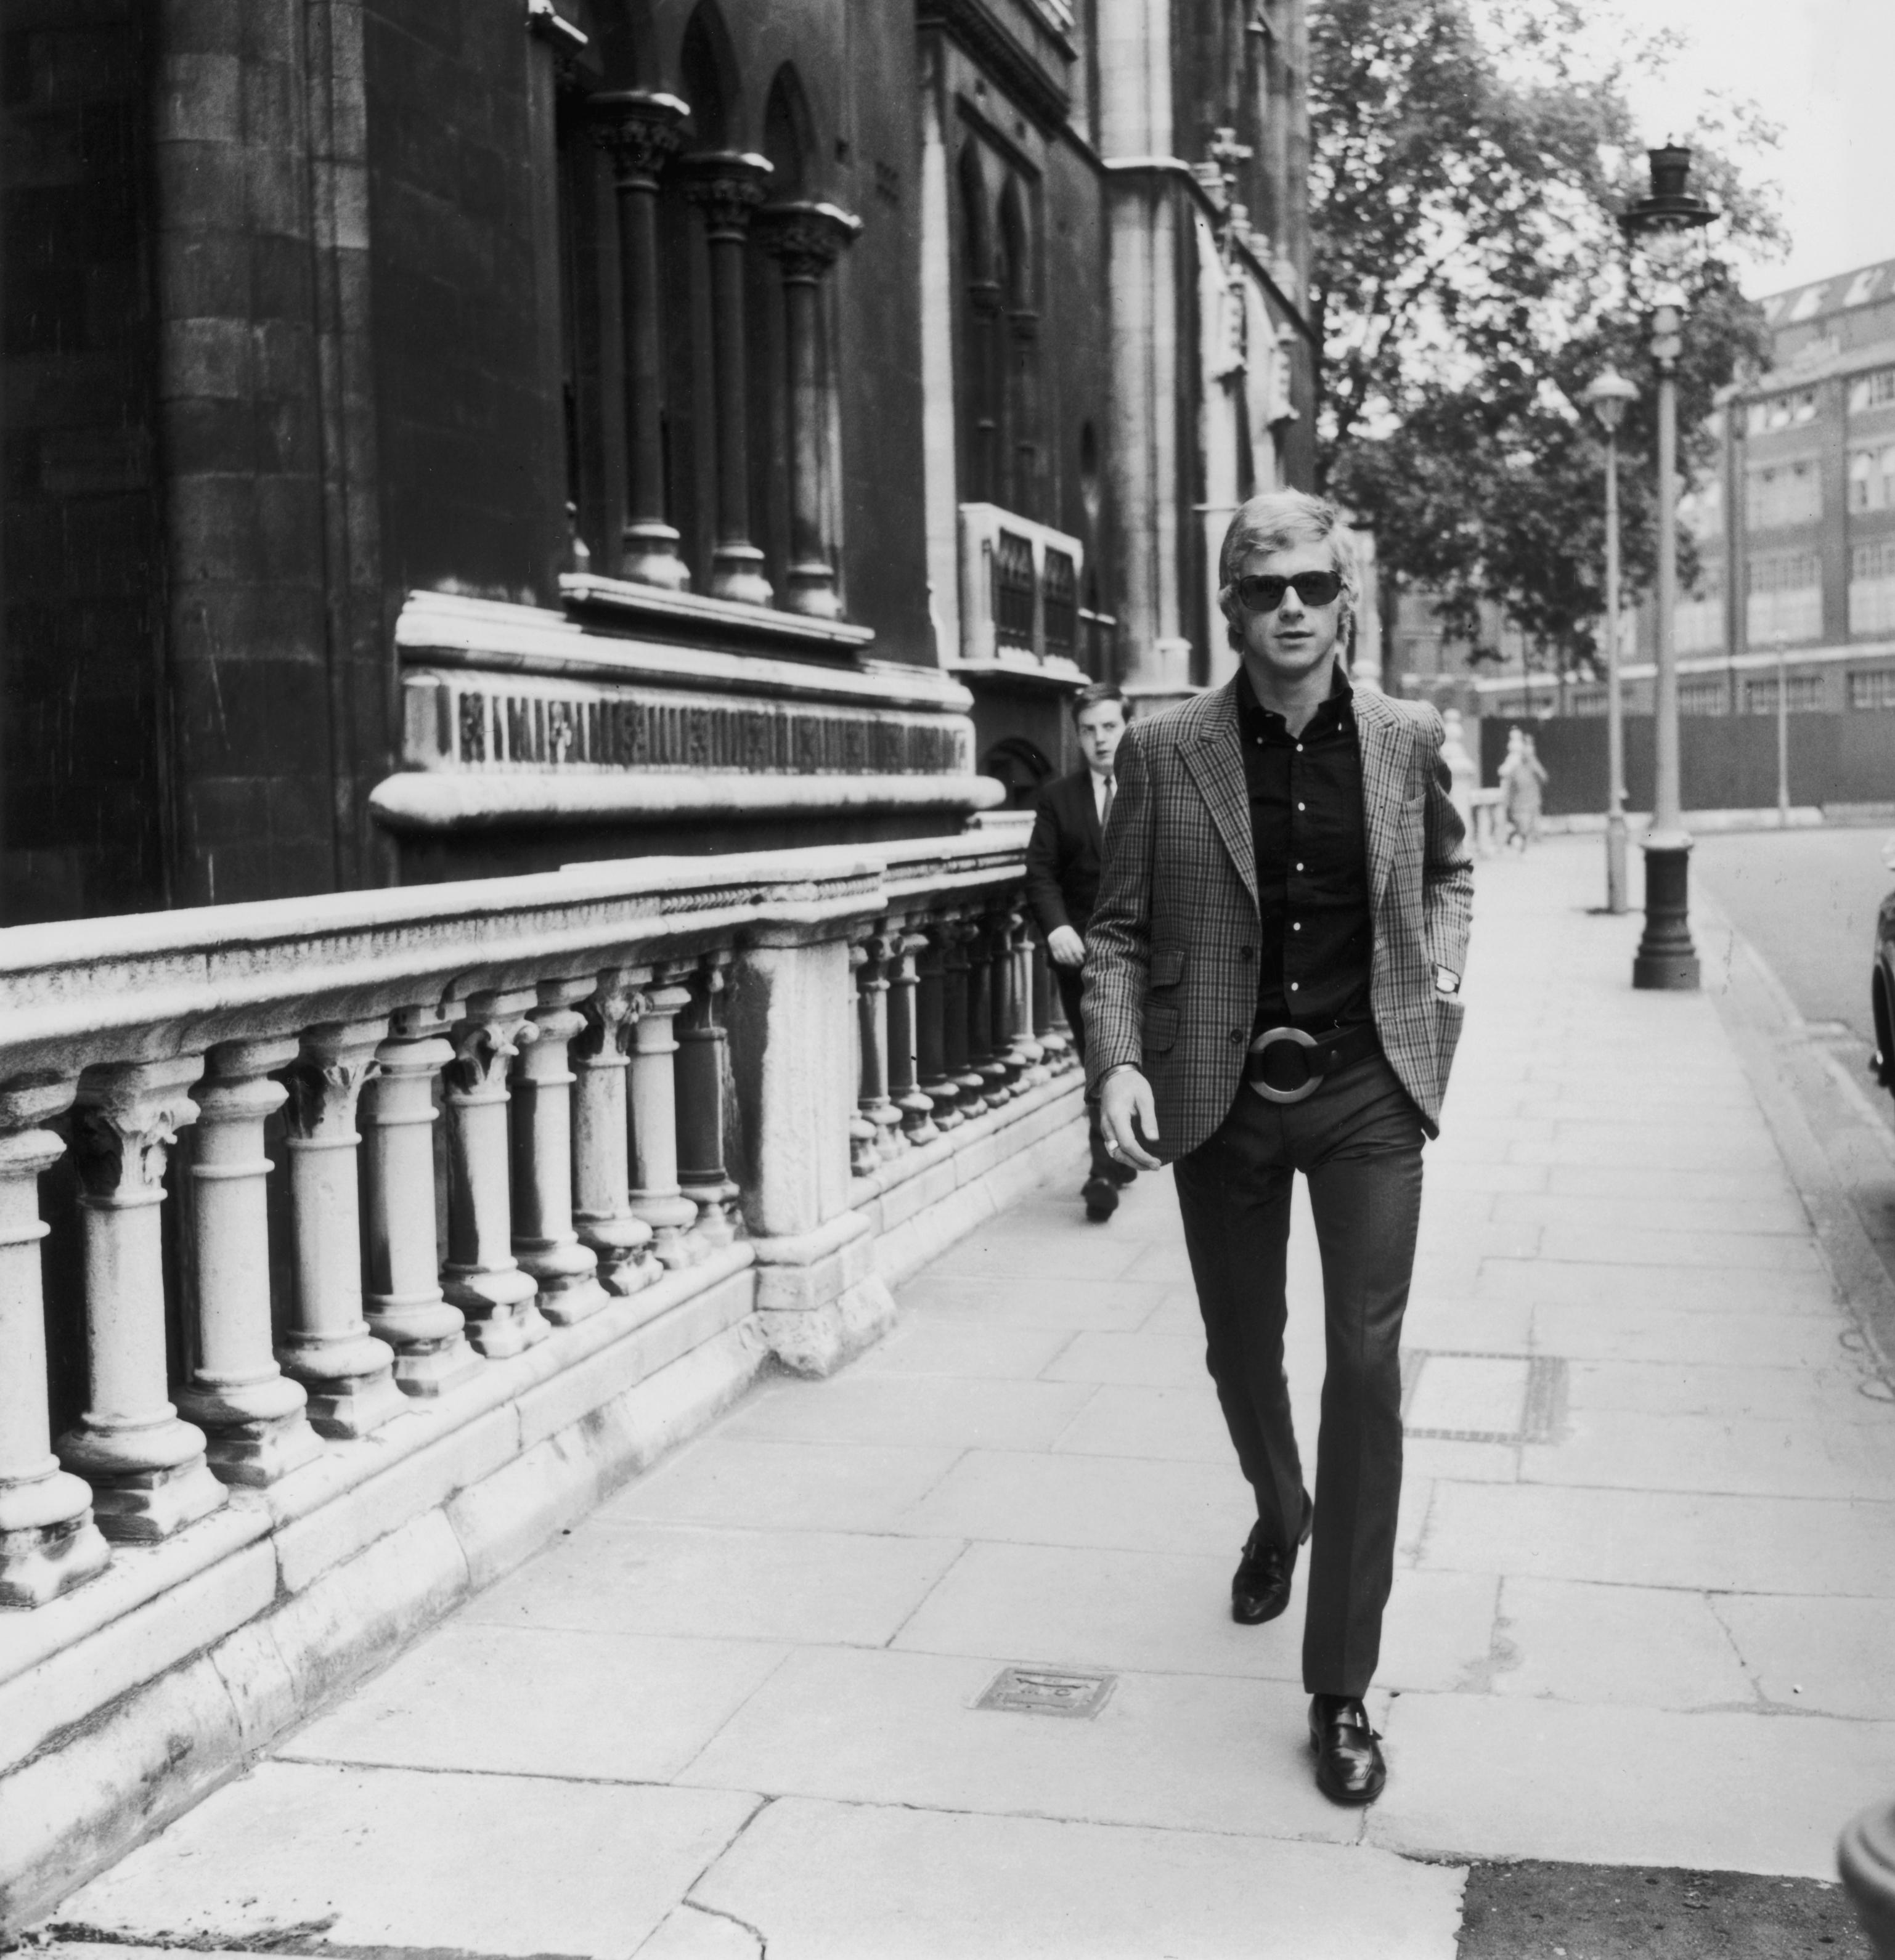 Мъжката по-елегантна мода през 1966 г., пък прилича до известна степен на тази, която и сега е актуална. Вталено сако, дънки или панталон и обувки от велур или кожа.